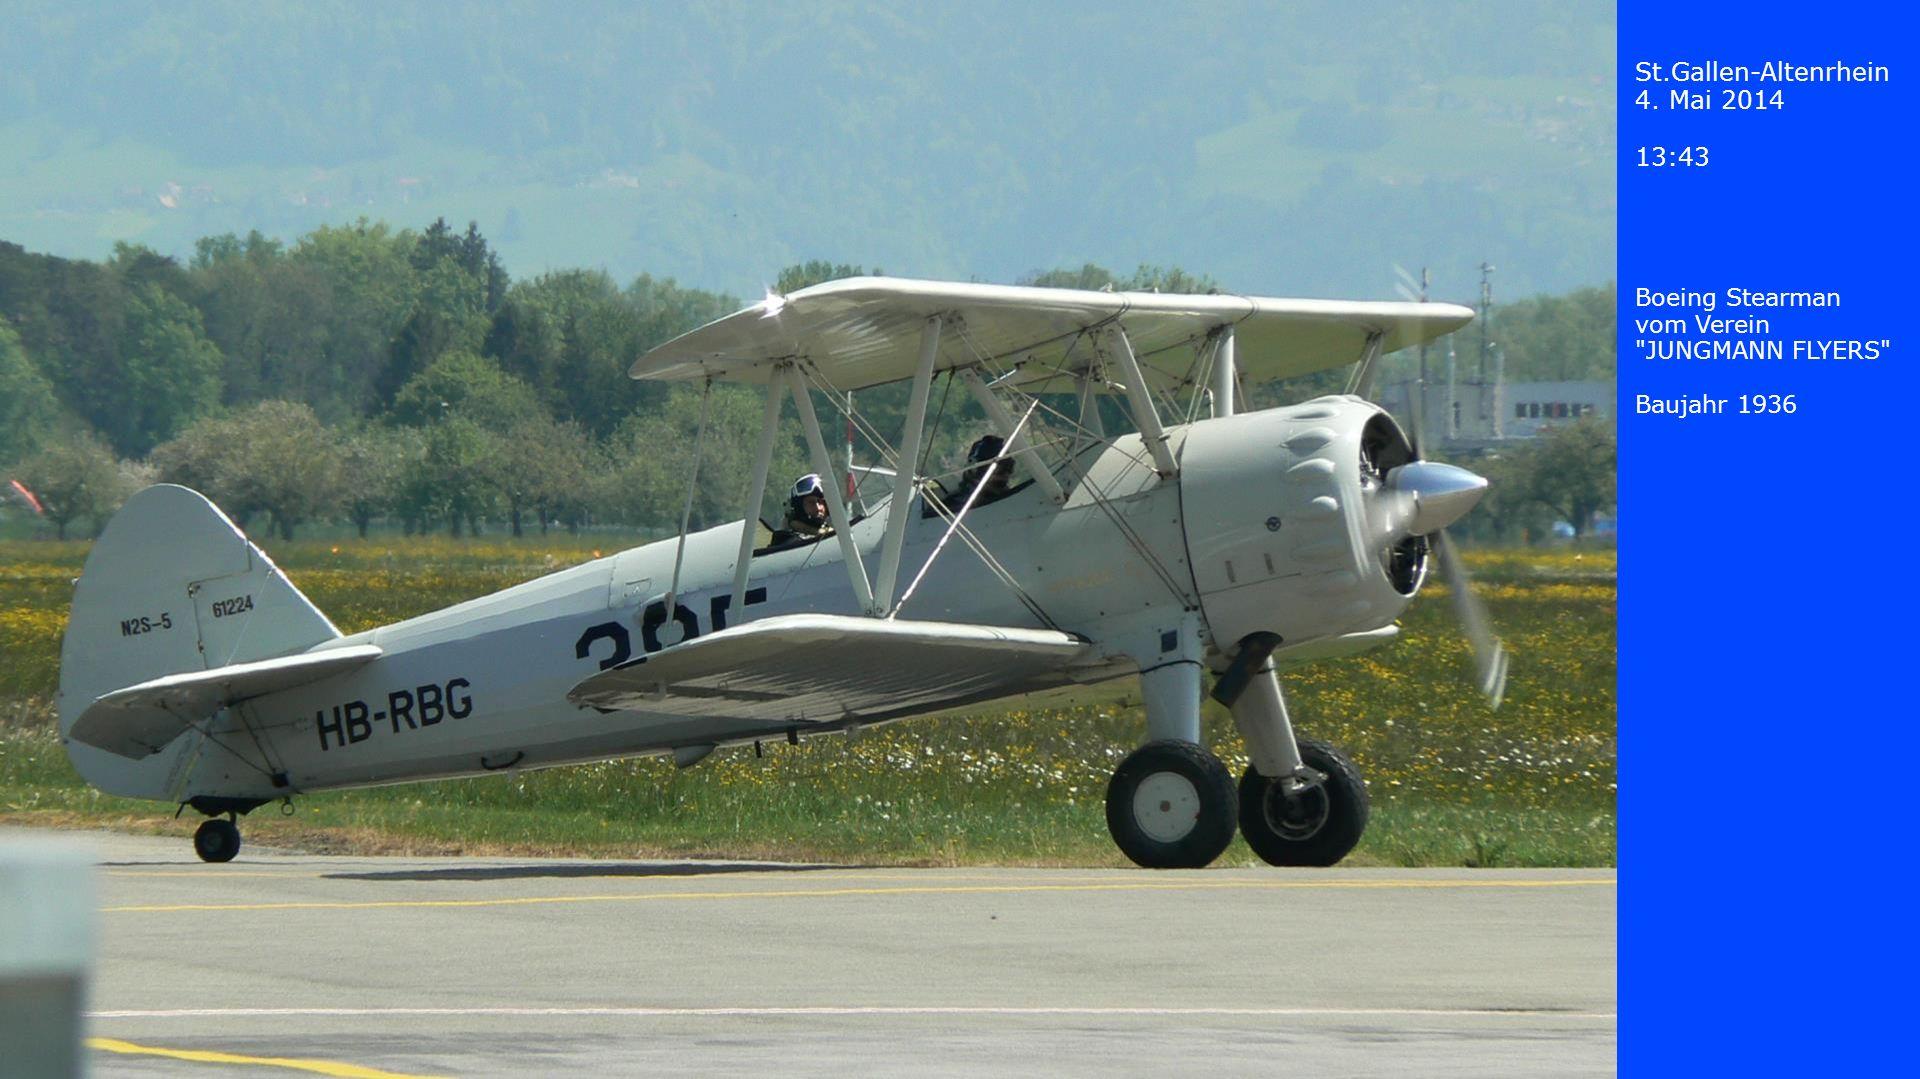 St.Gallen-Altenrhein 4.Mai 2014 13:44 Jakowlew Jak-52, ein damals sowjetisches Schulungsflugzeug.